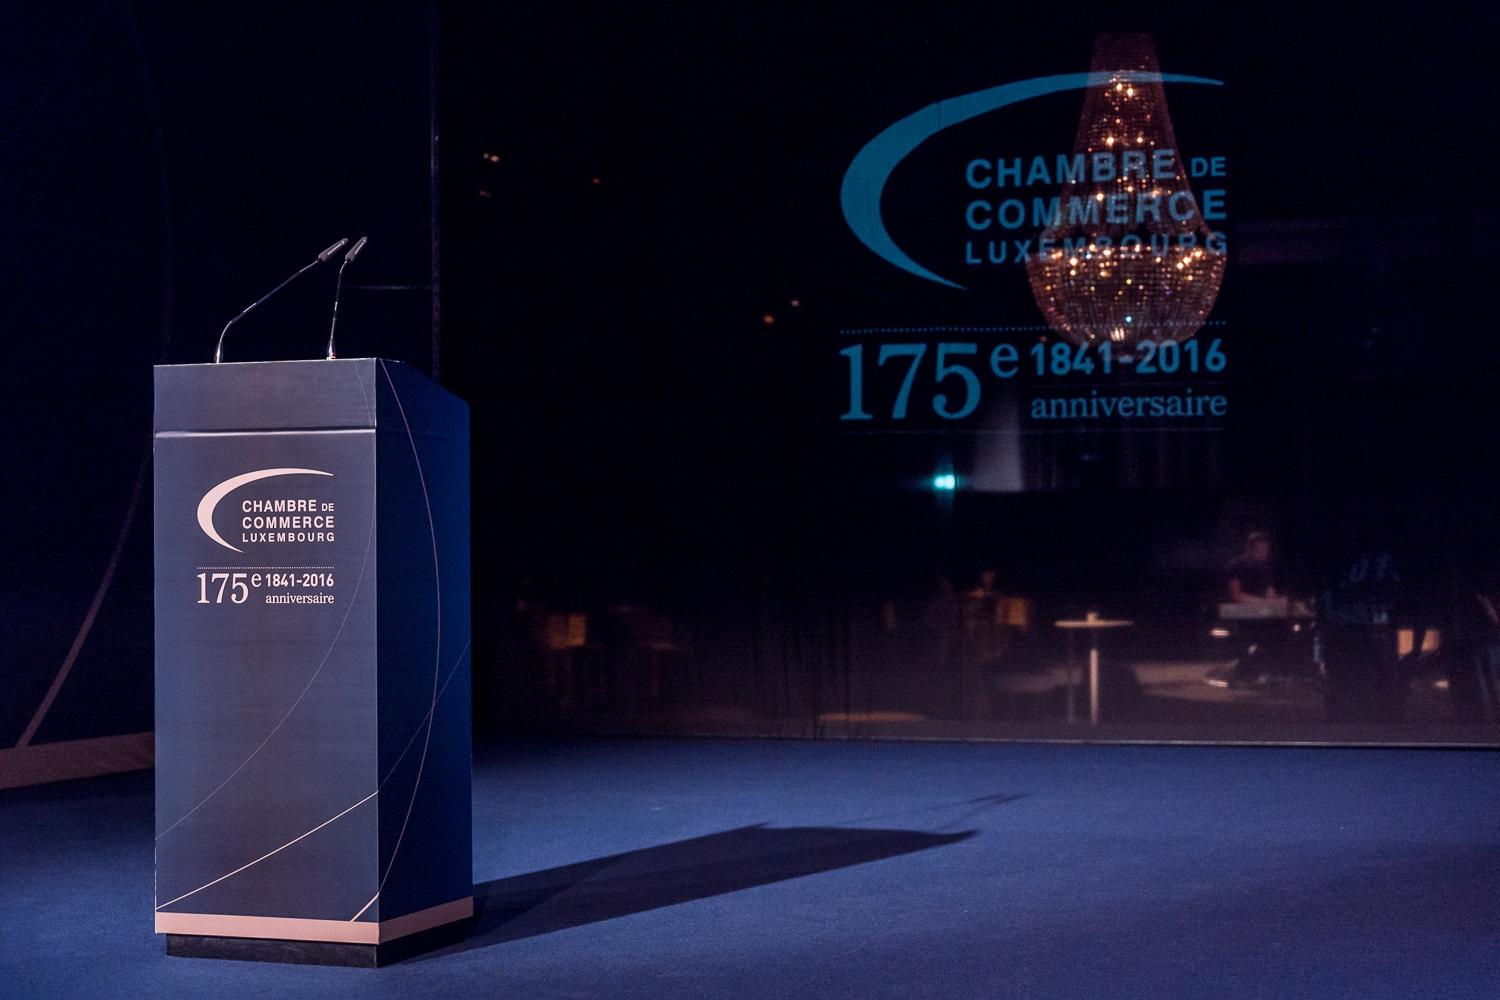 Shine a light agence évènementielle luxembourg - créateur d'expériences immersives - anniversaire corporate Chambre de Commerce Luxembourg